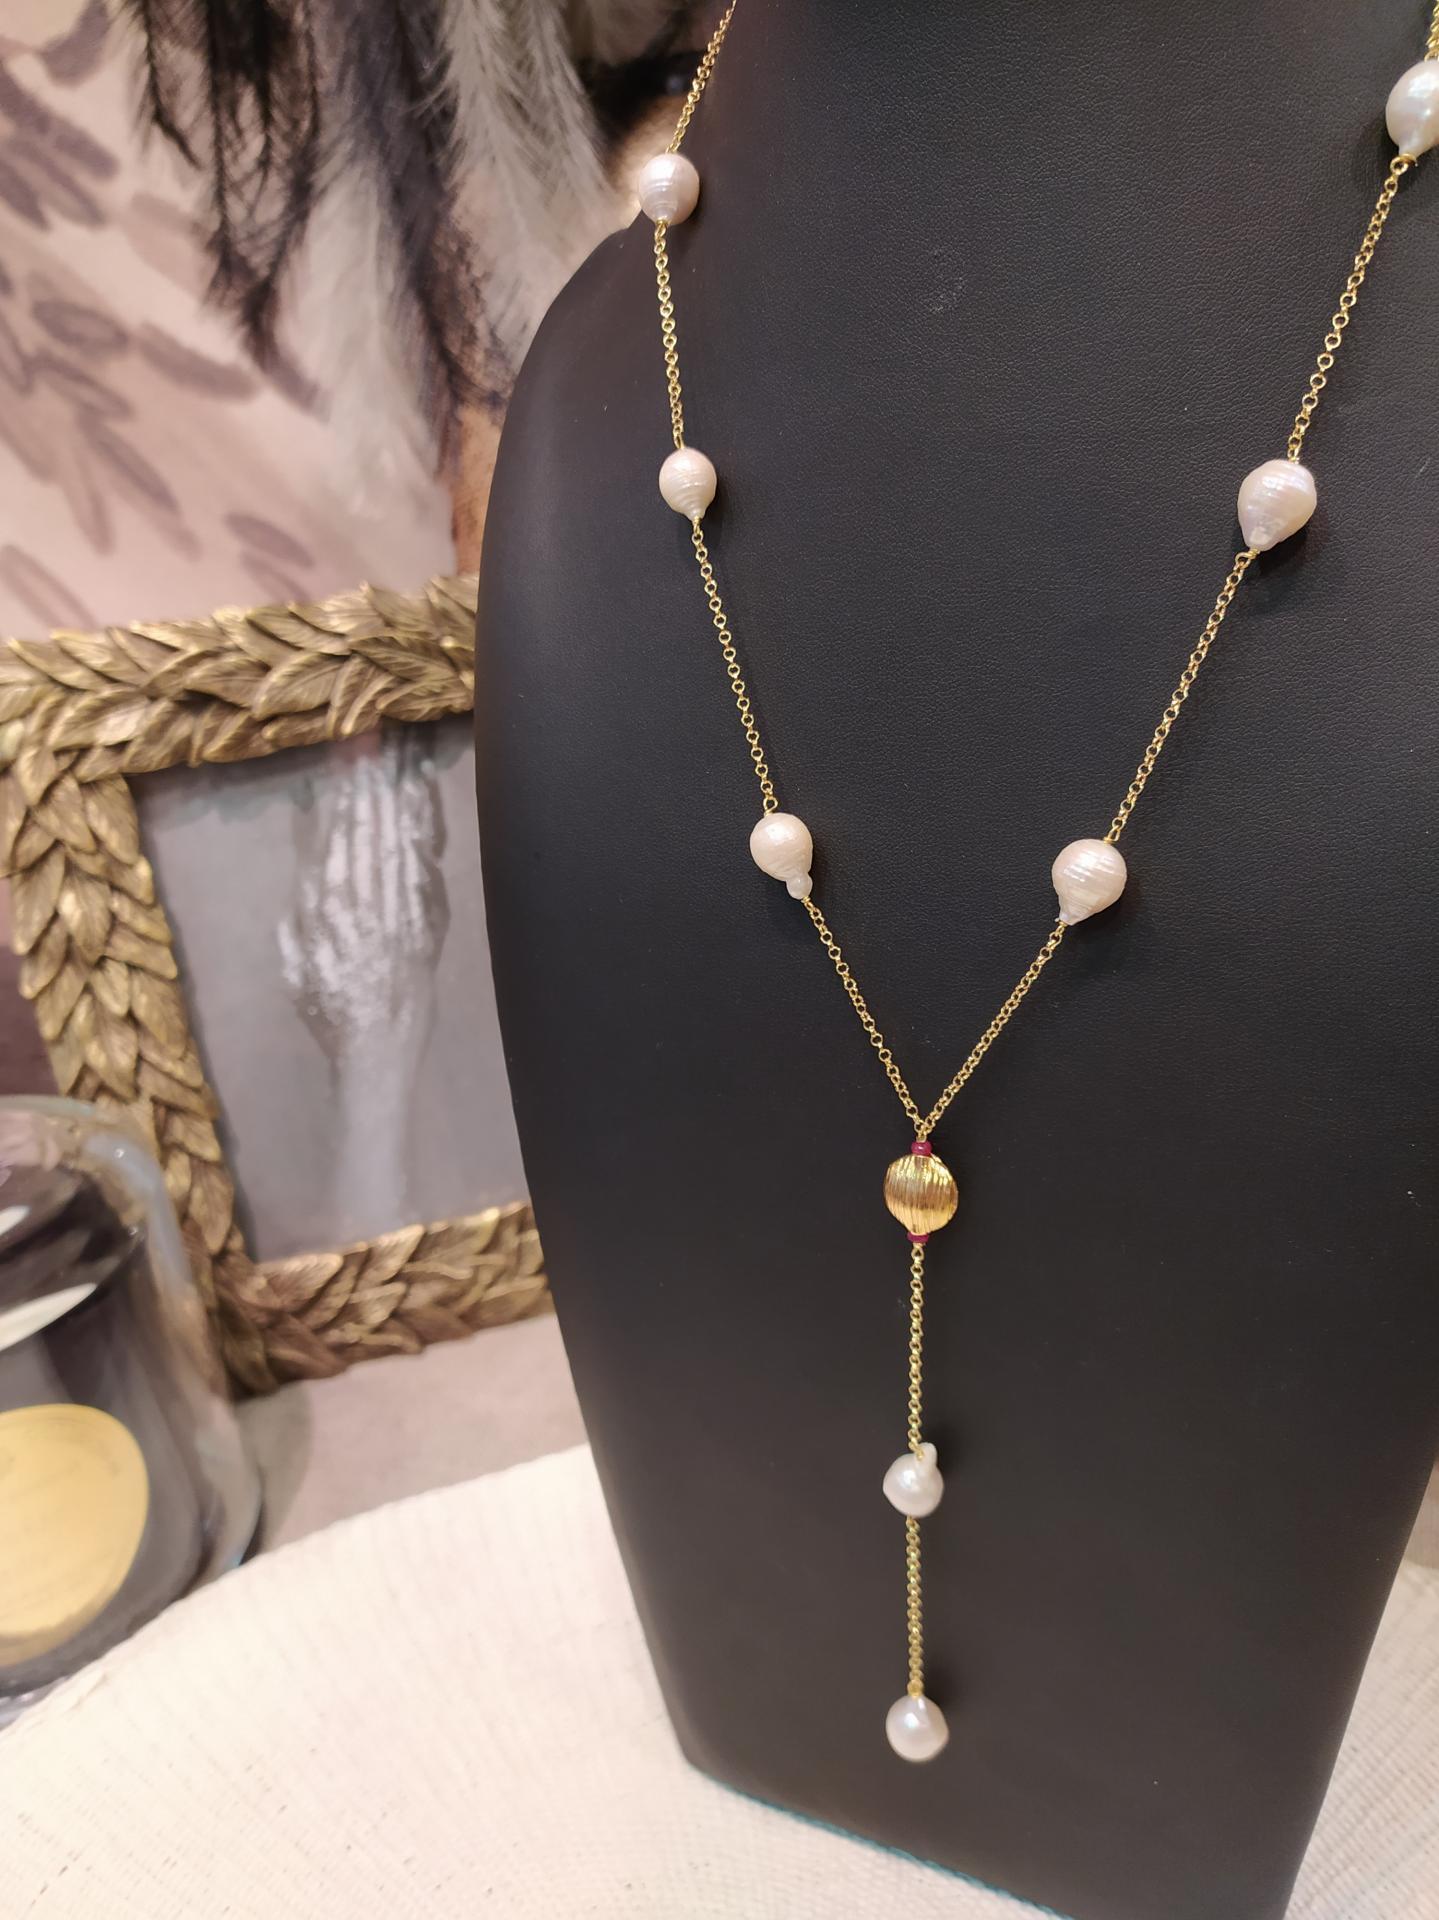 Collier perles baroques ref 366 4 40 gr prix 145 eur ras de cou 48 cm plus 9cm de 1